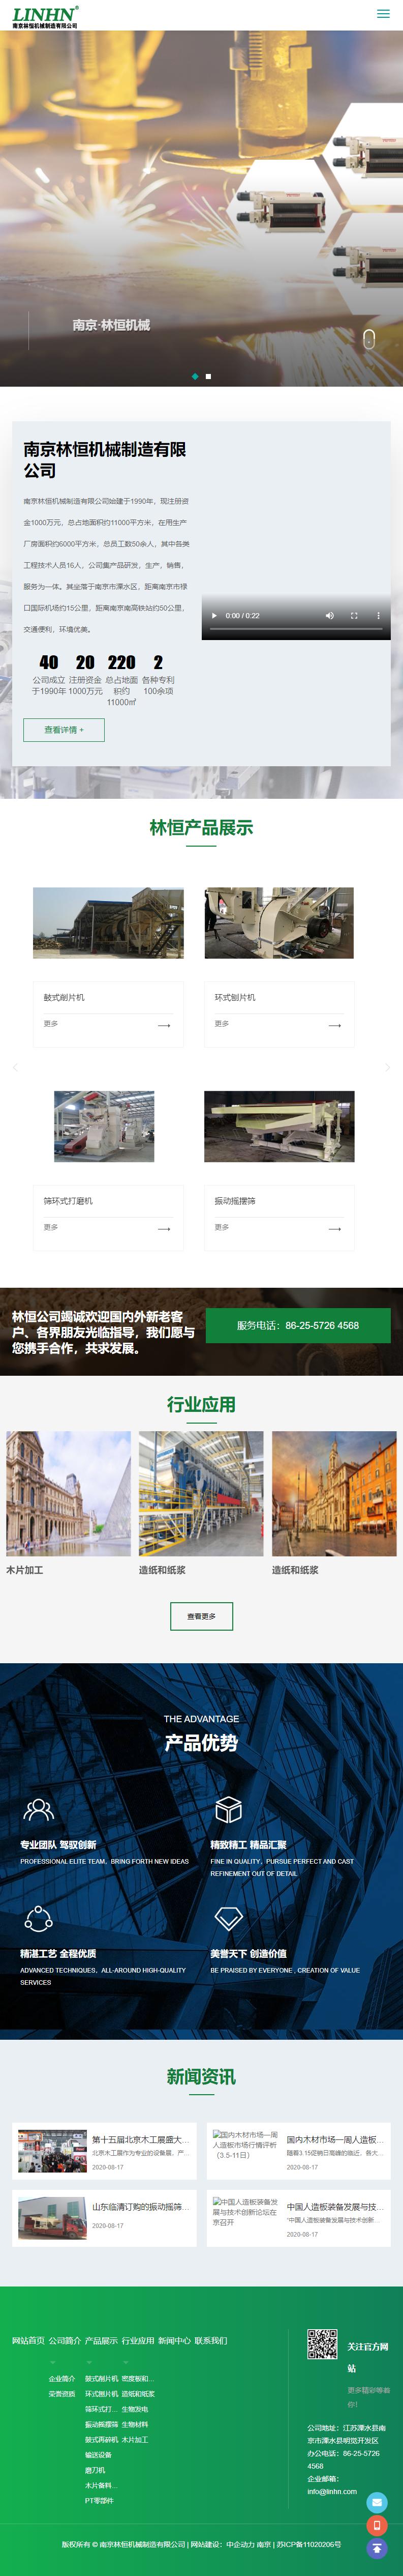 南京林恒机械制造有限公司网站案例